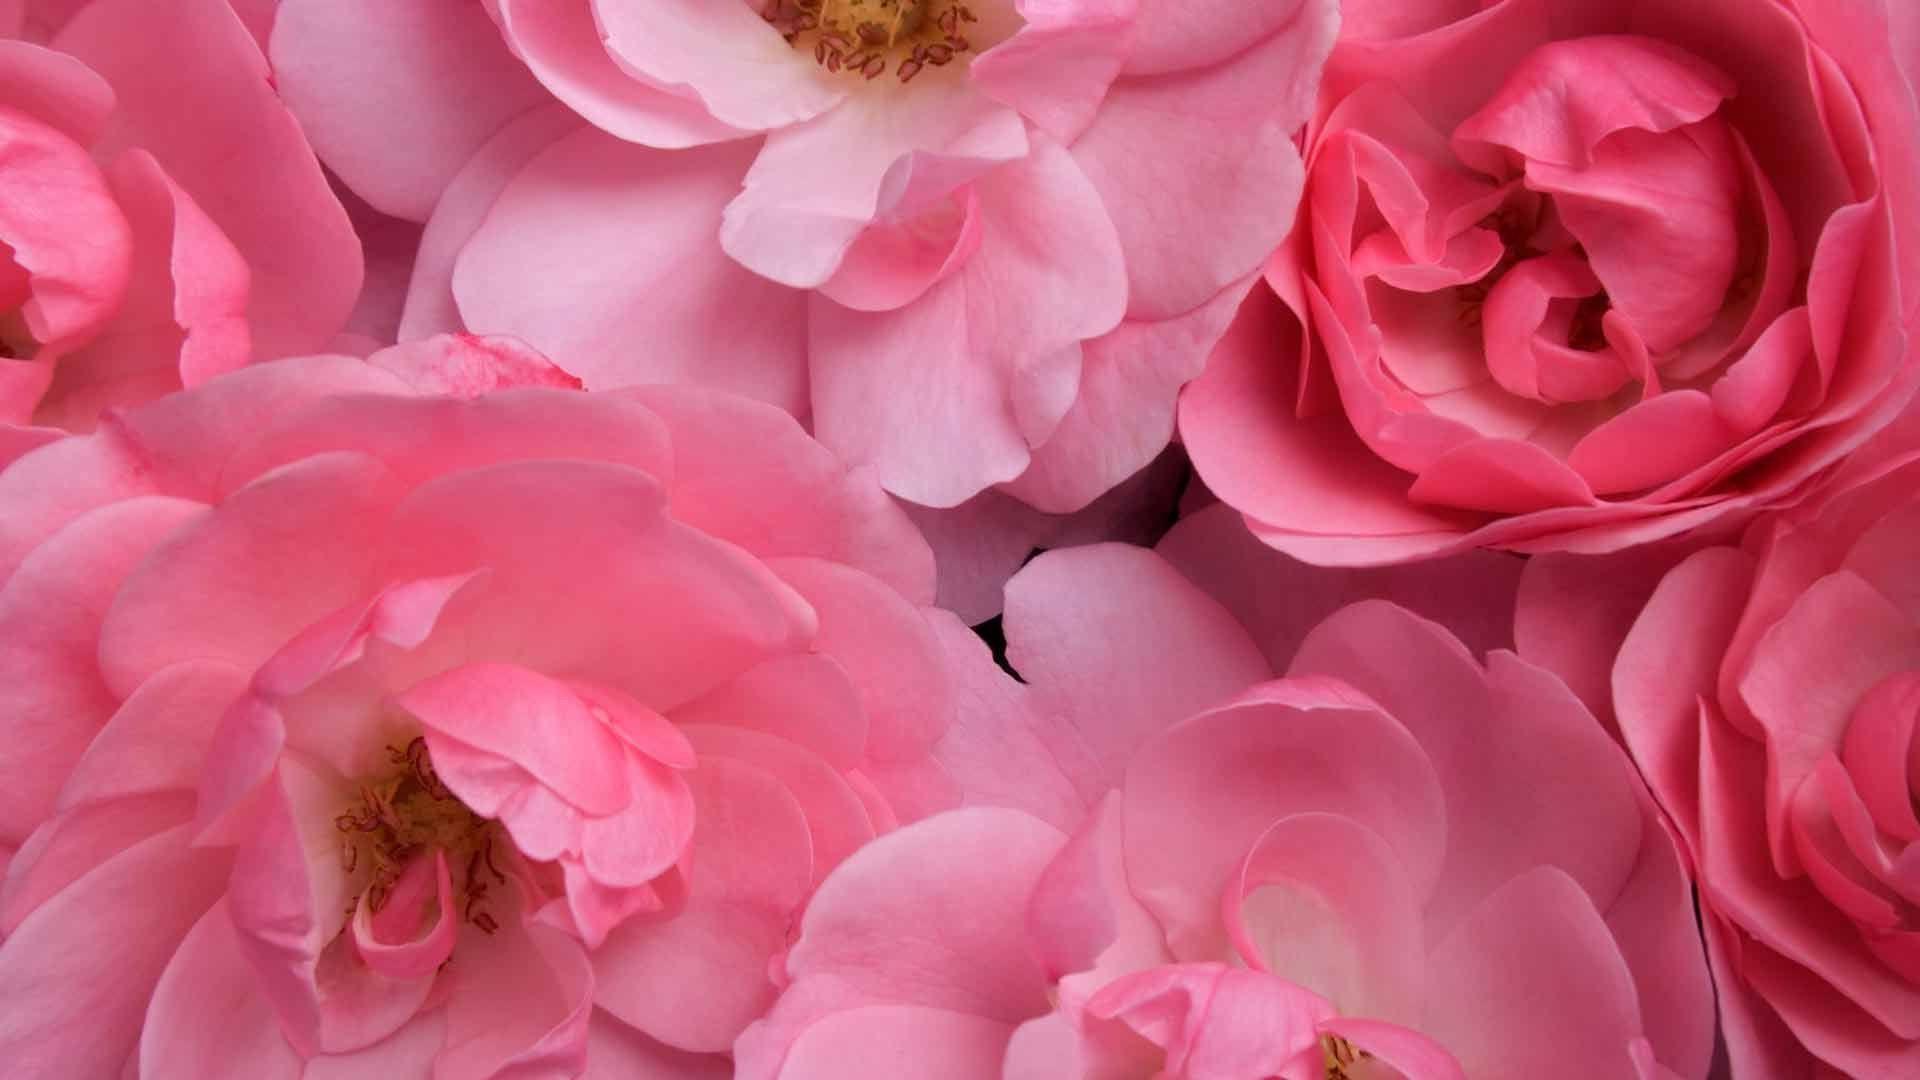 цветы розовые крупный план на телефон